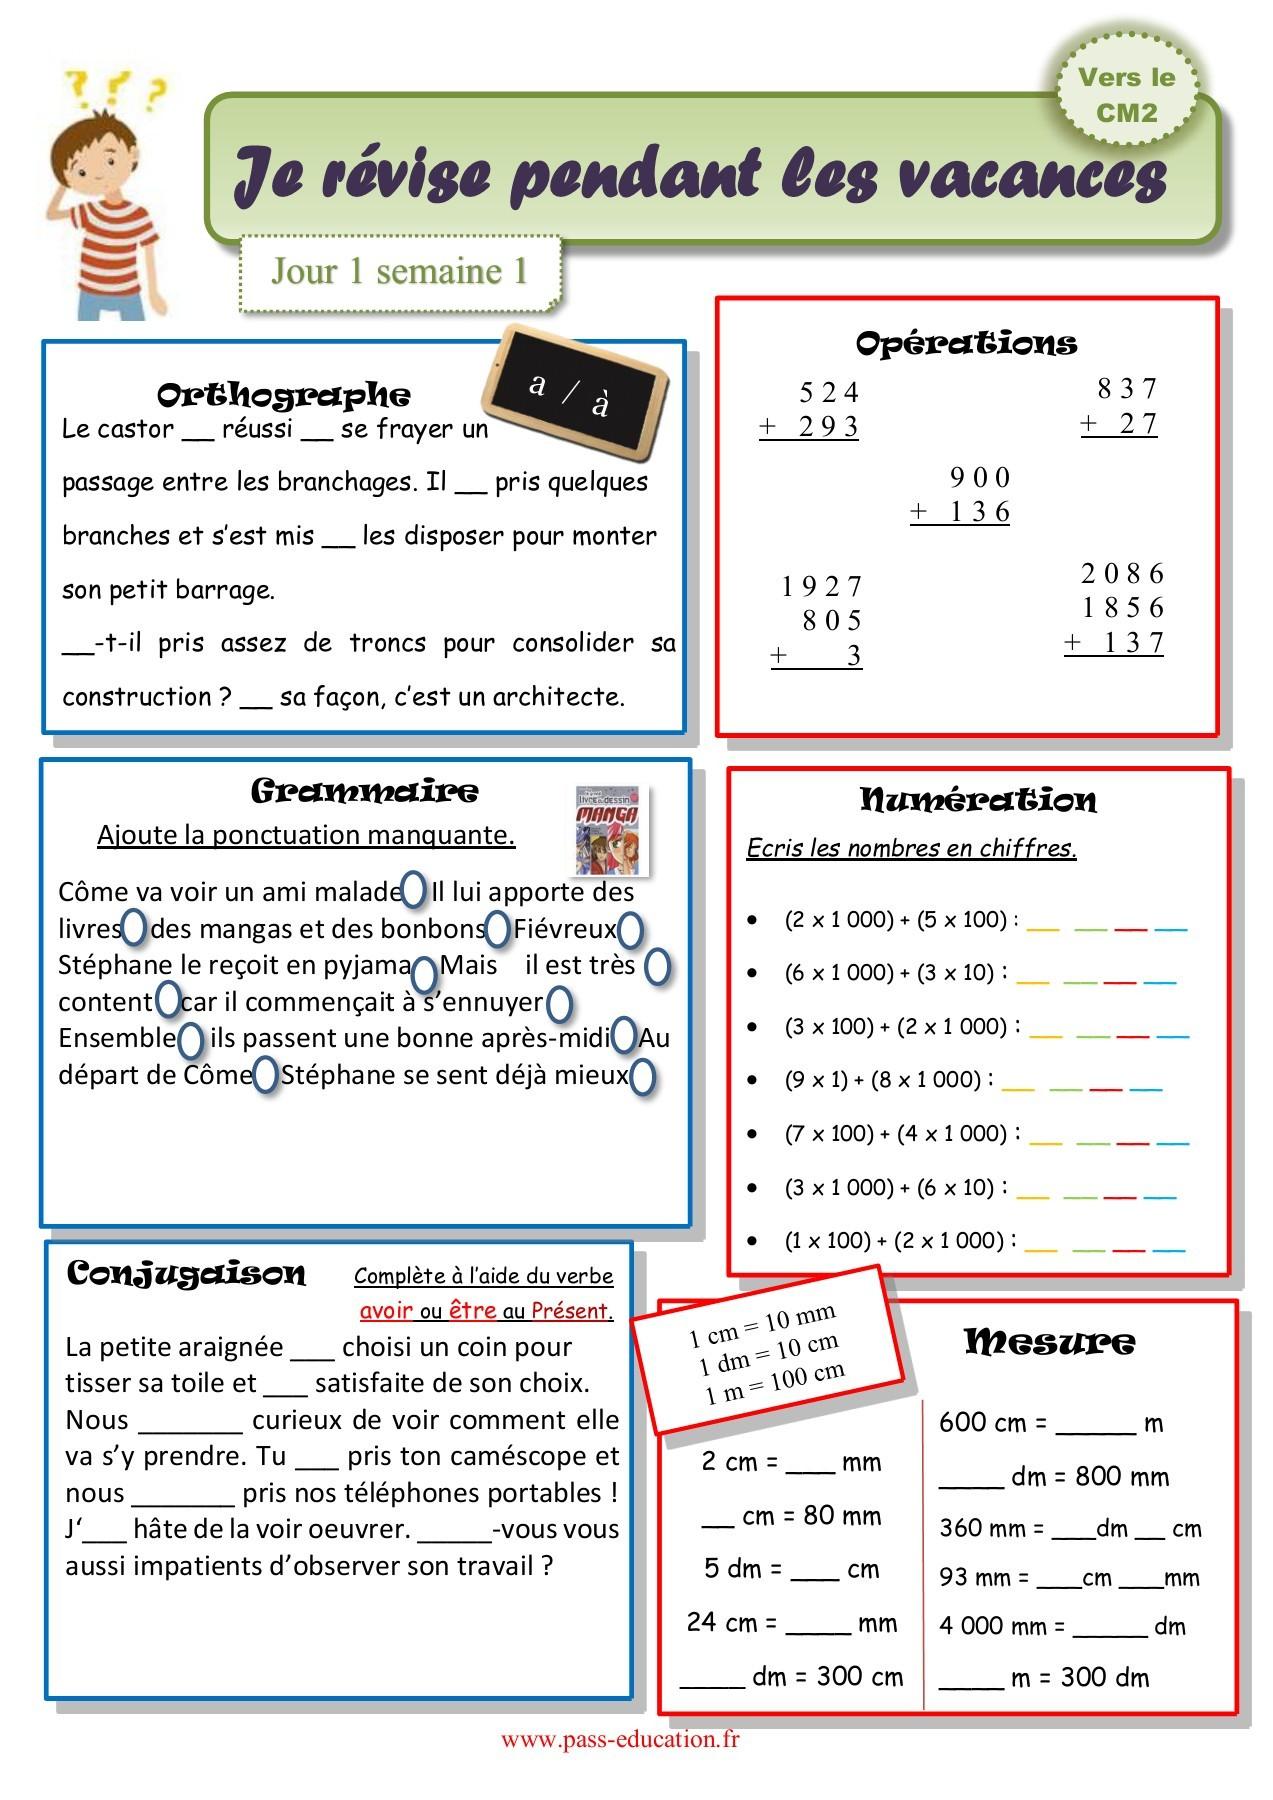 Cahier De Vacances Gratuit À Imprimer - Cm1 Vers Le Cm2 pour Mots Fleches Cm1 Imprimer